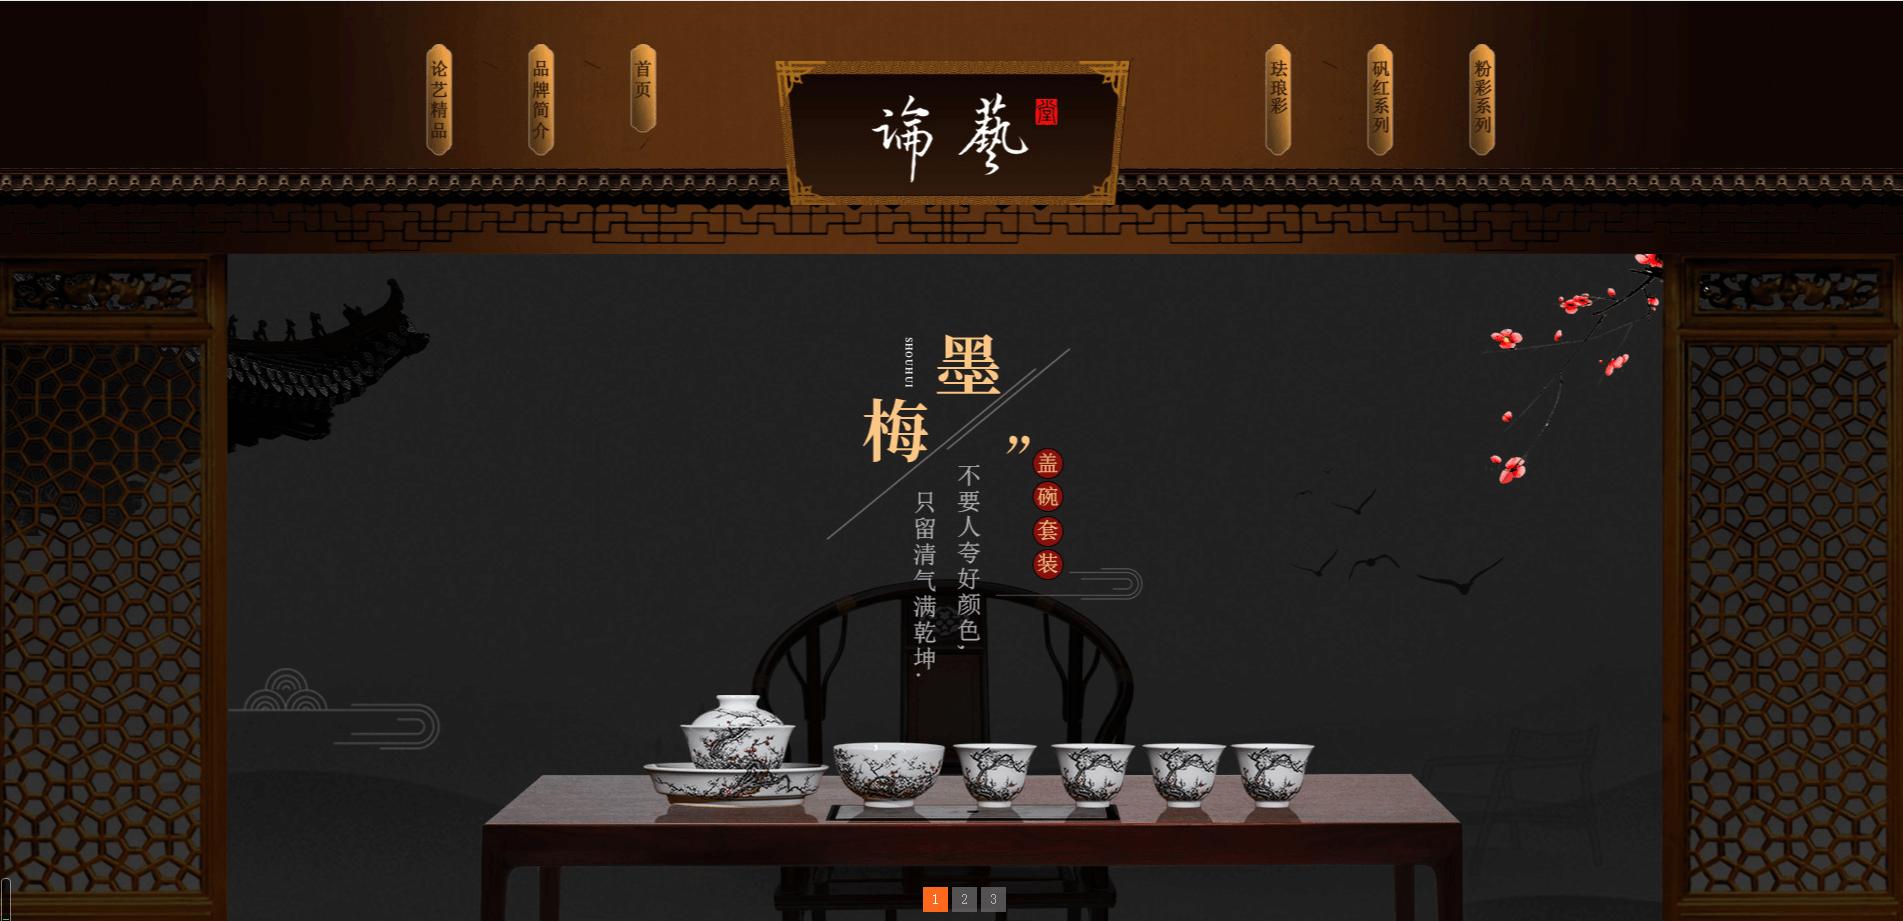 景德镇论艺堂陶瓷有限公司